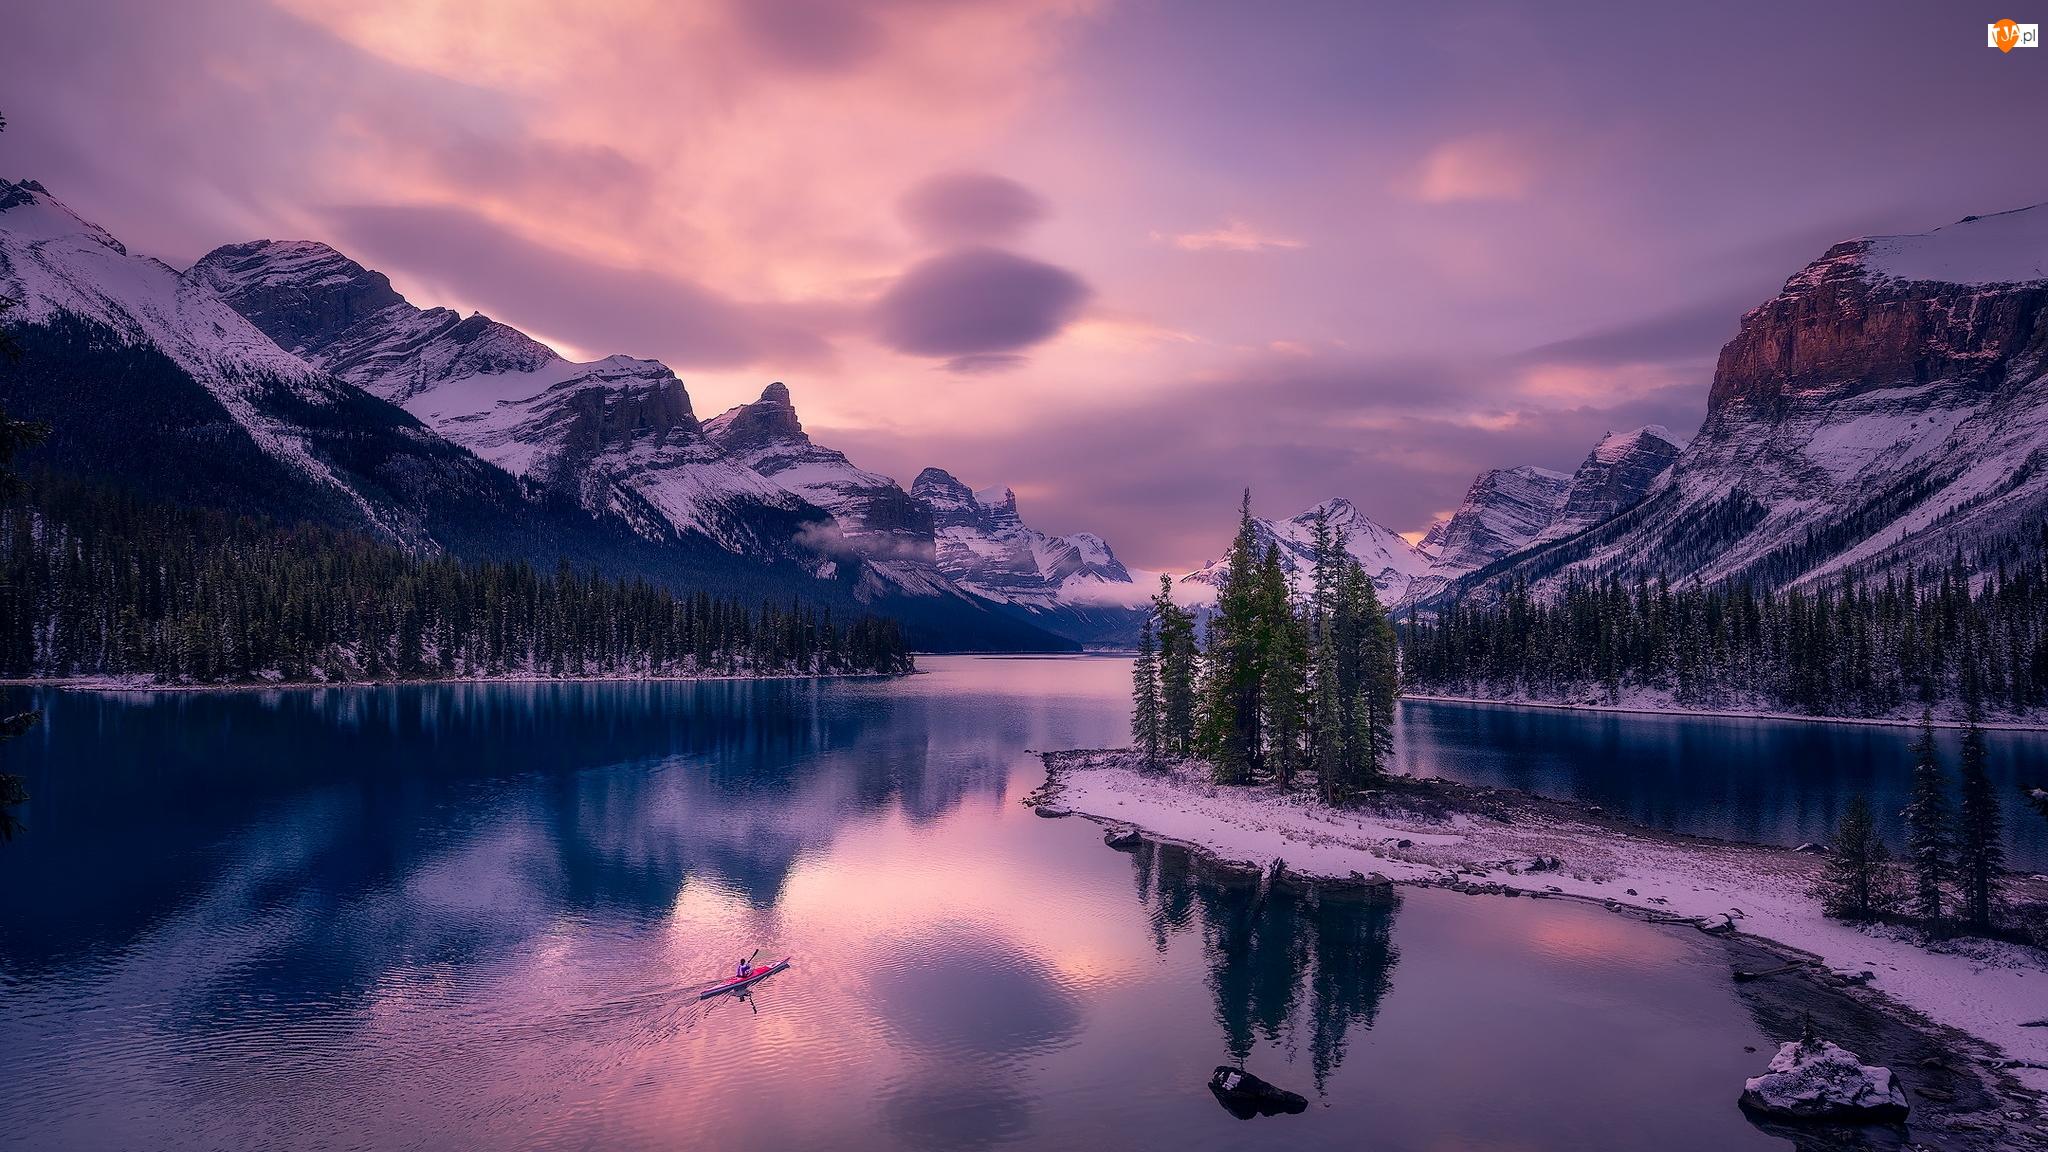 Maligne Lake, Drzewa, Zachód słońca, Lasy, Park Narodowy Jasper, Alberta, Góry, Zima, Kajak, Jezioro, Kanada